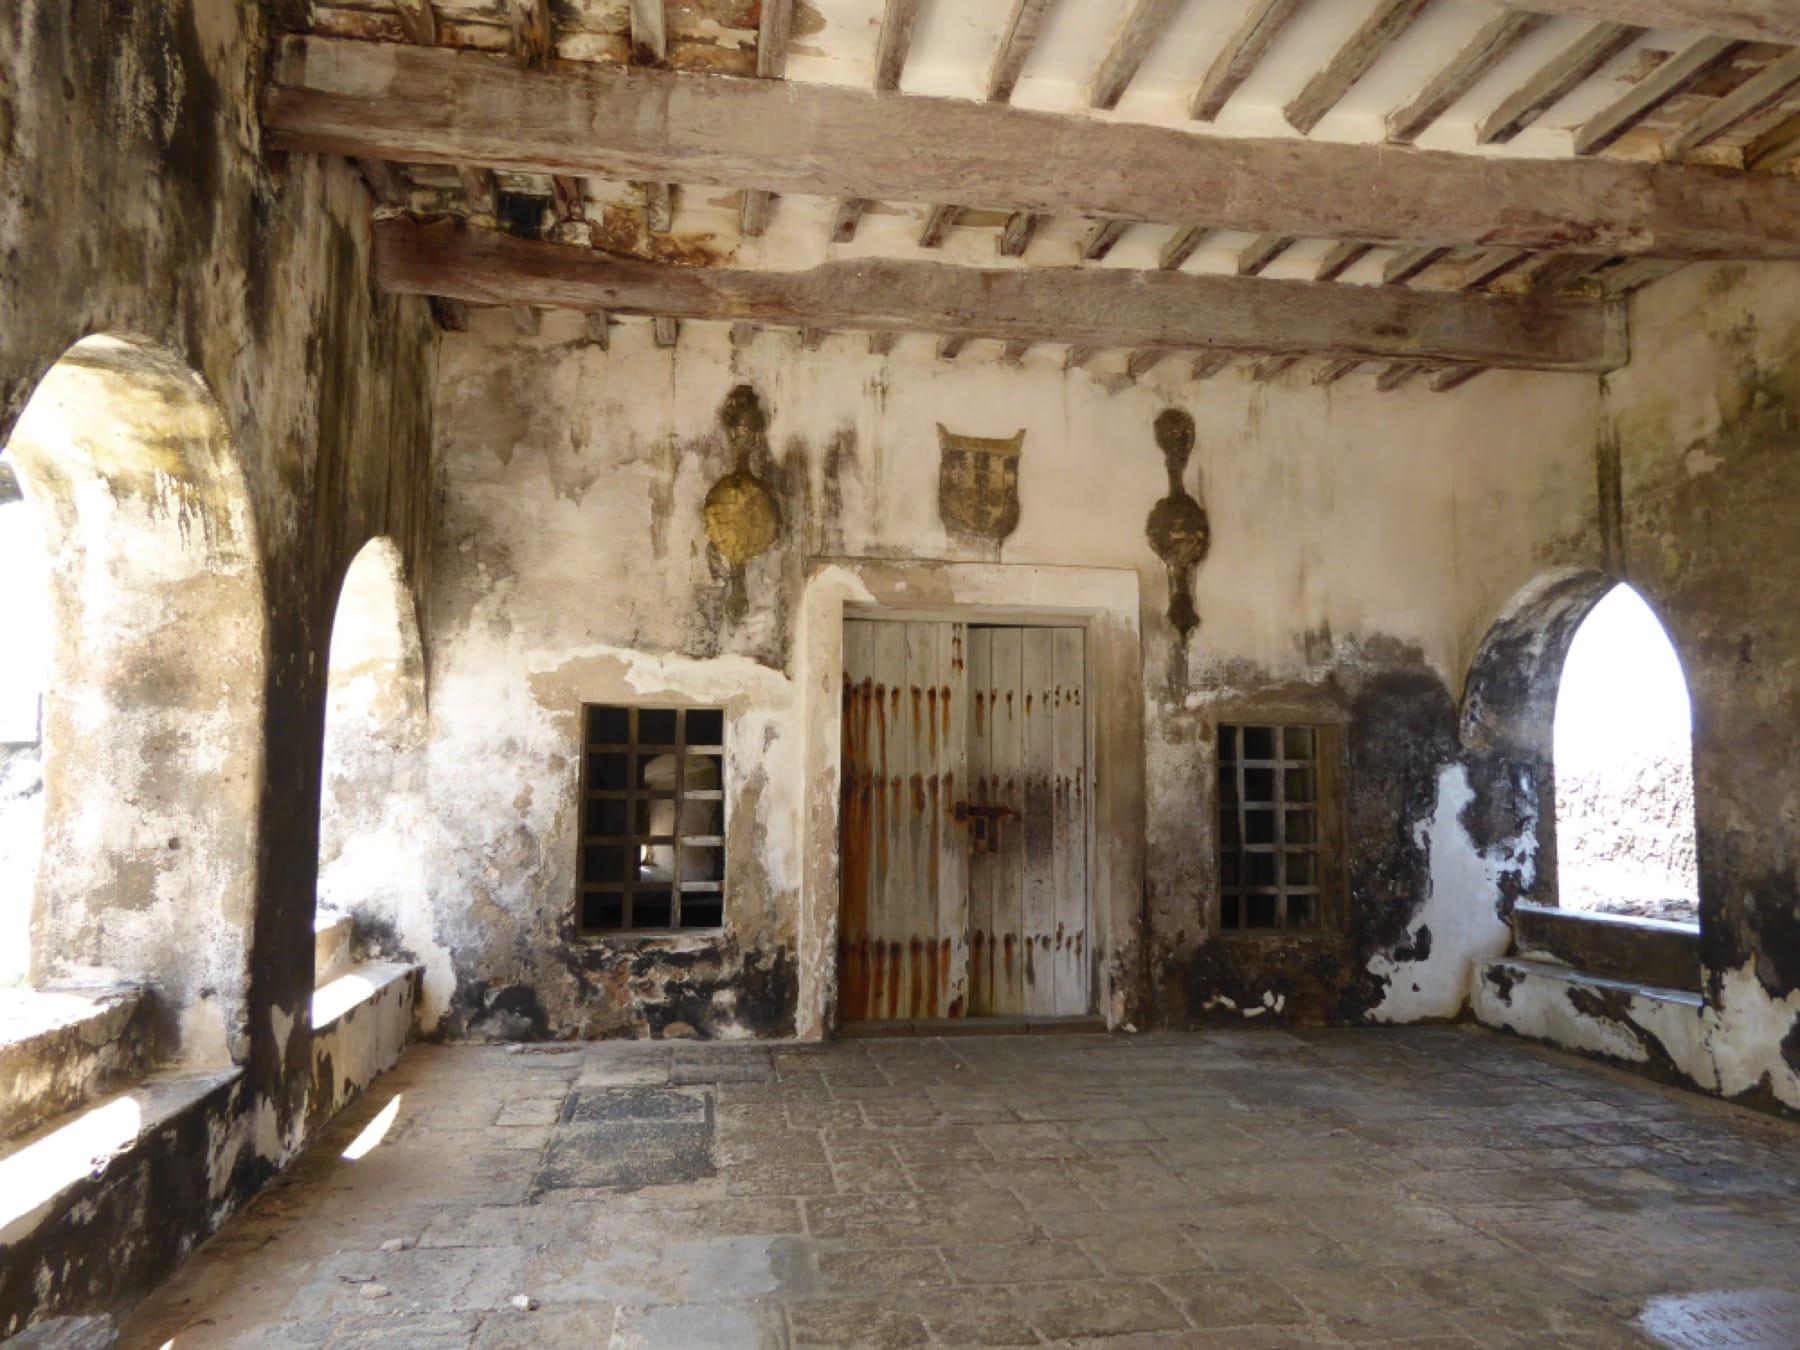 capela de nossa senhora mozambique architecture